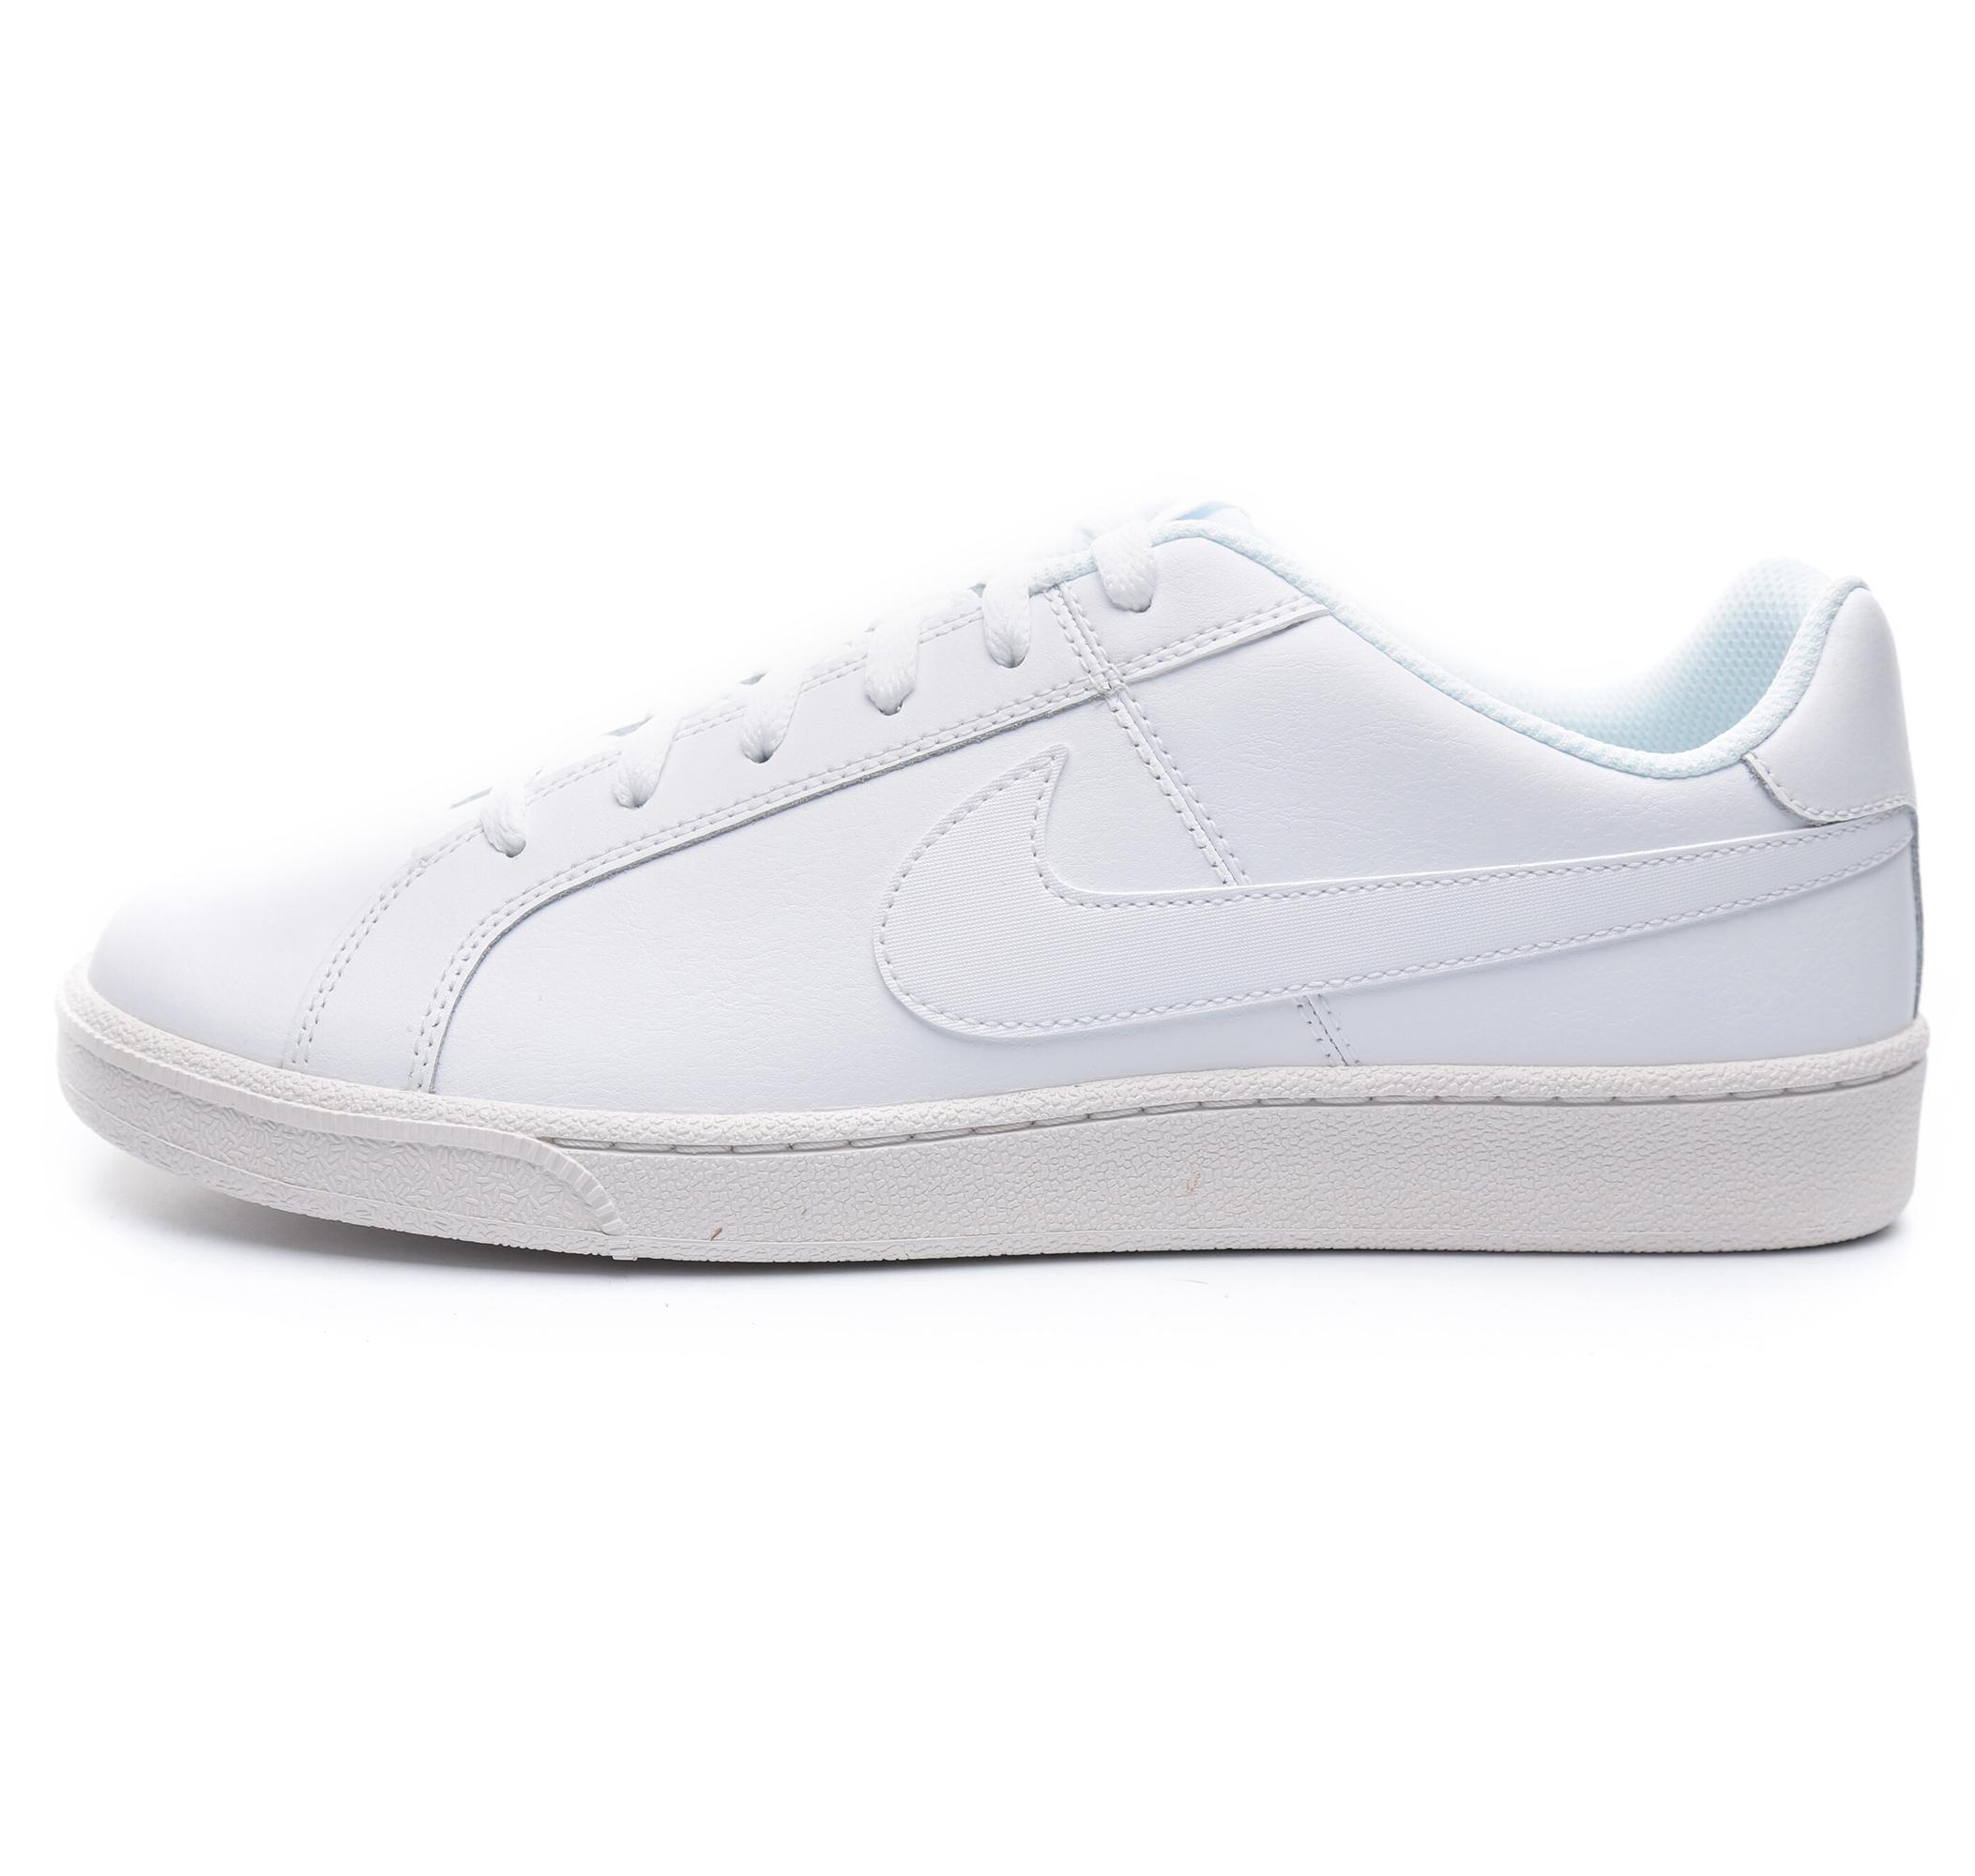 Nike Revolution 4 Eu Kadin Spor Ayakkabi Fiyatlari Ozellikleri Ve Yorumlari En Ucuzu Akakce